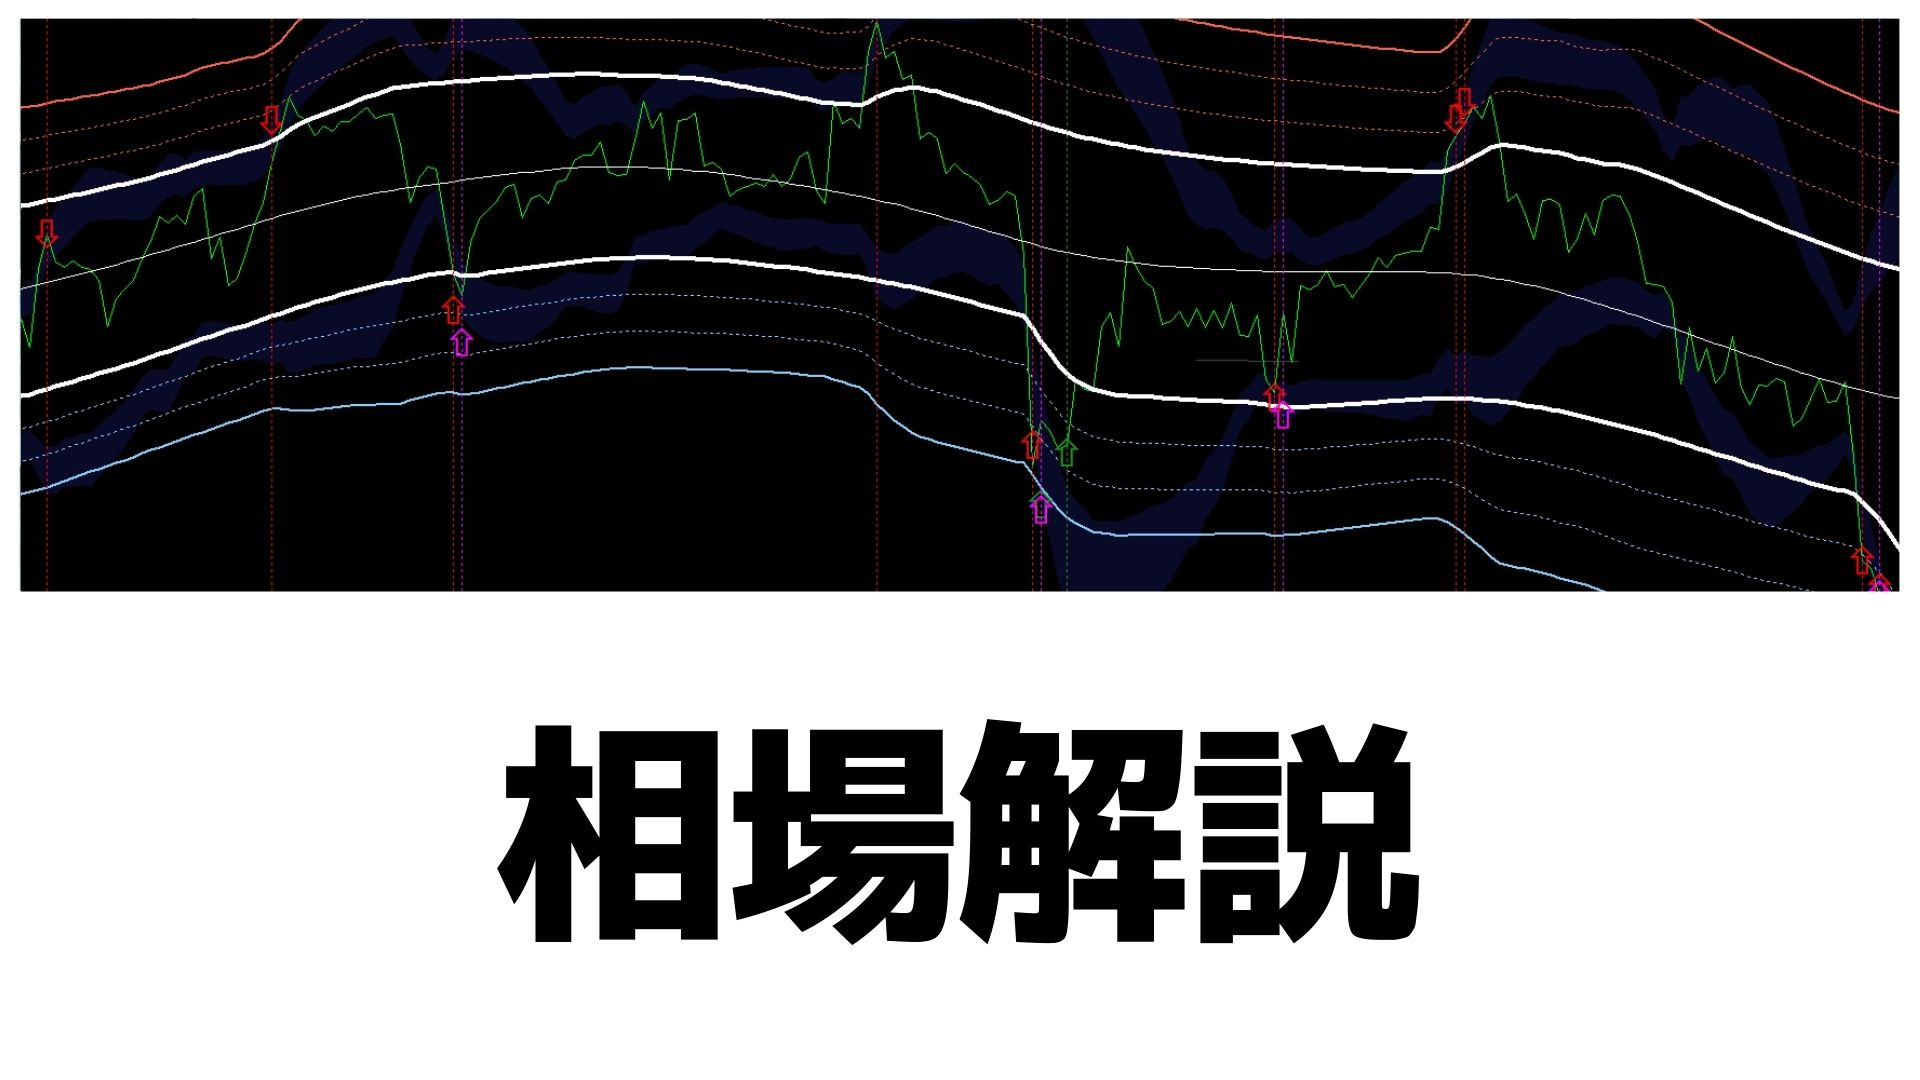 【相場解説】5/24(月)~28(金)